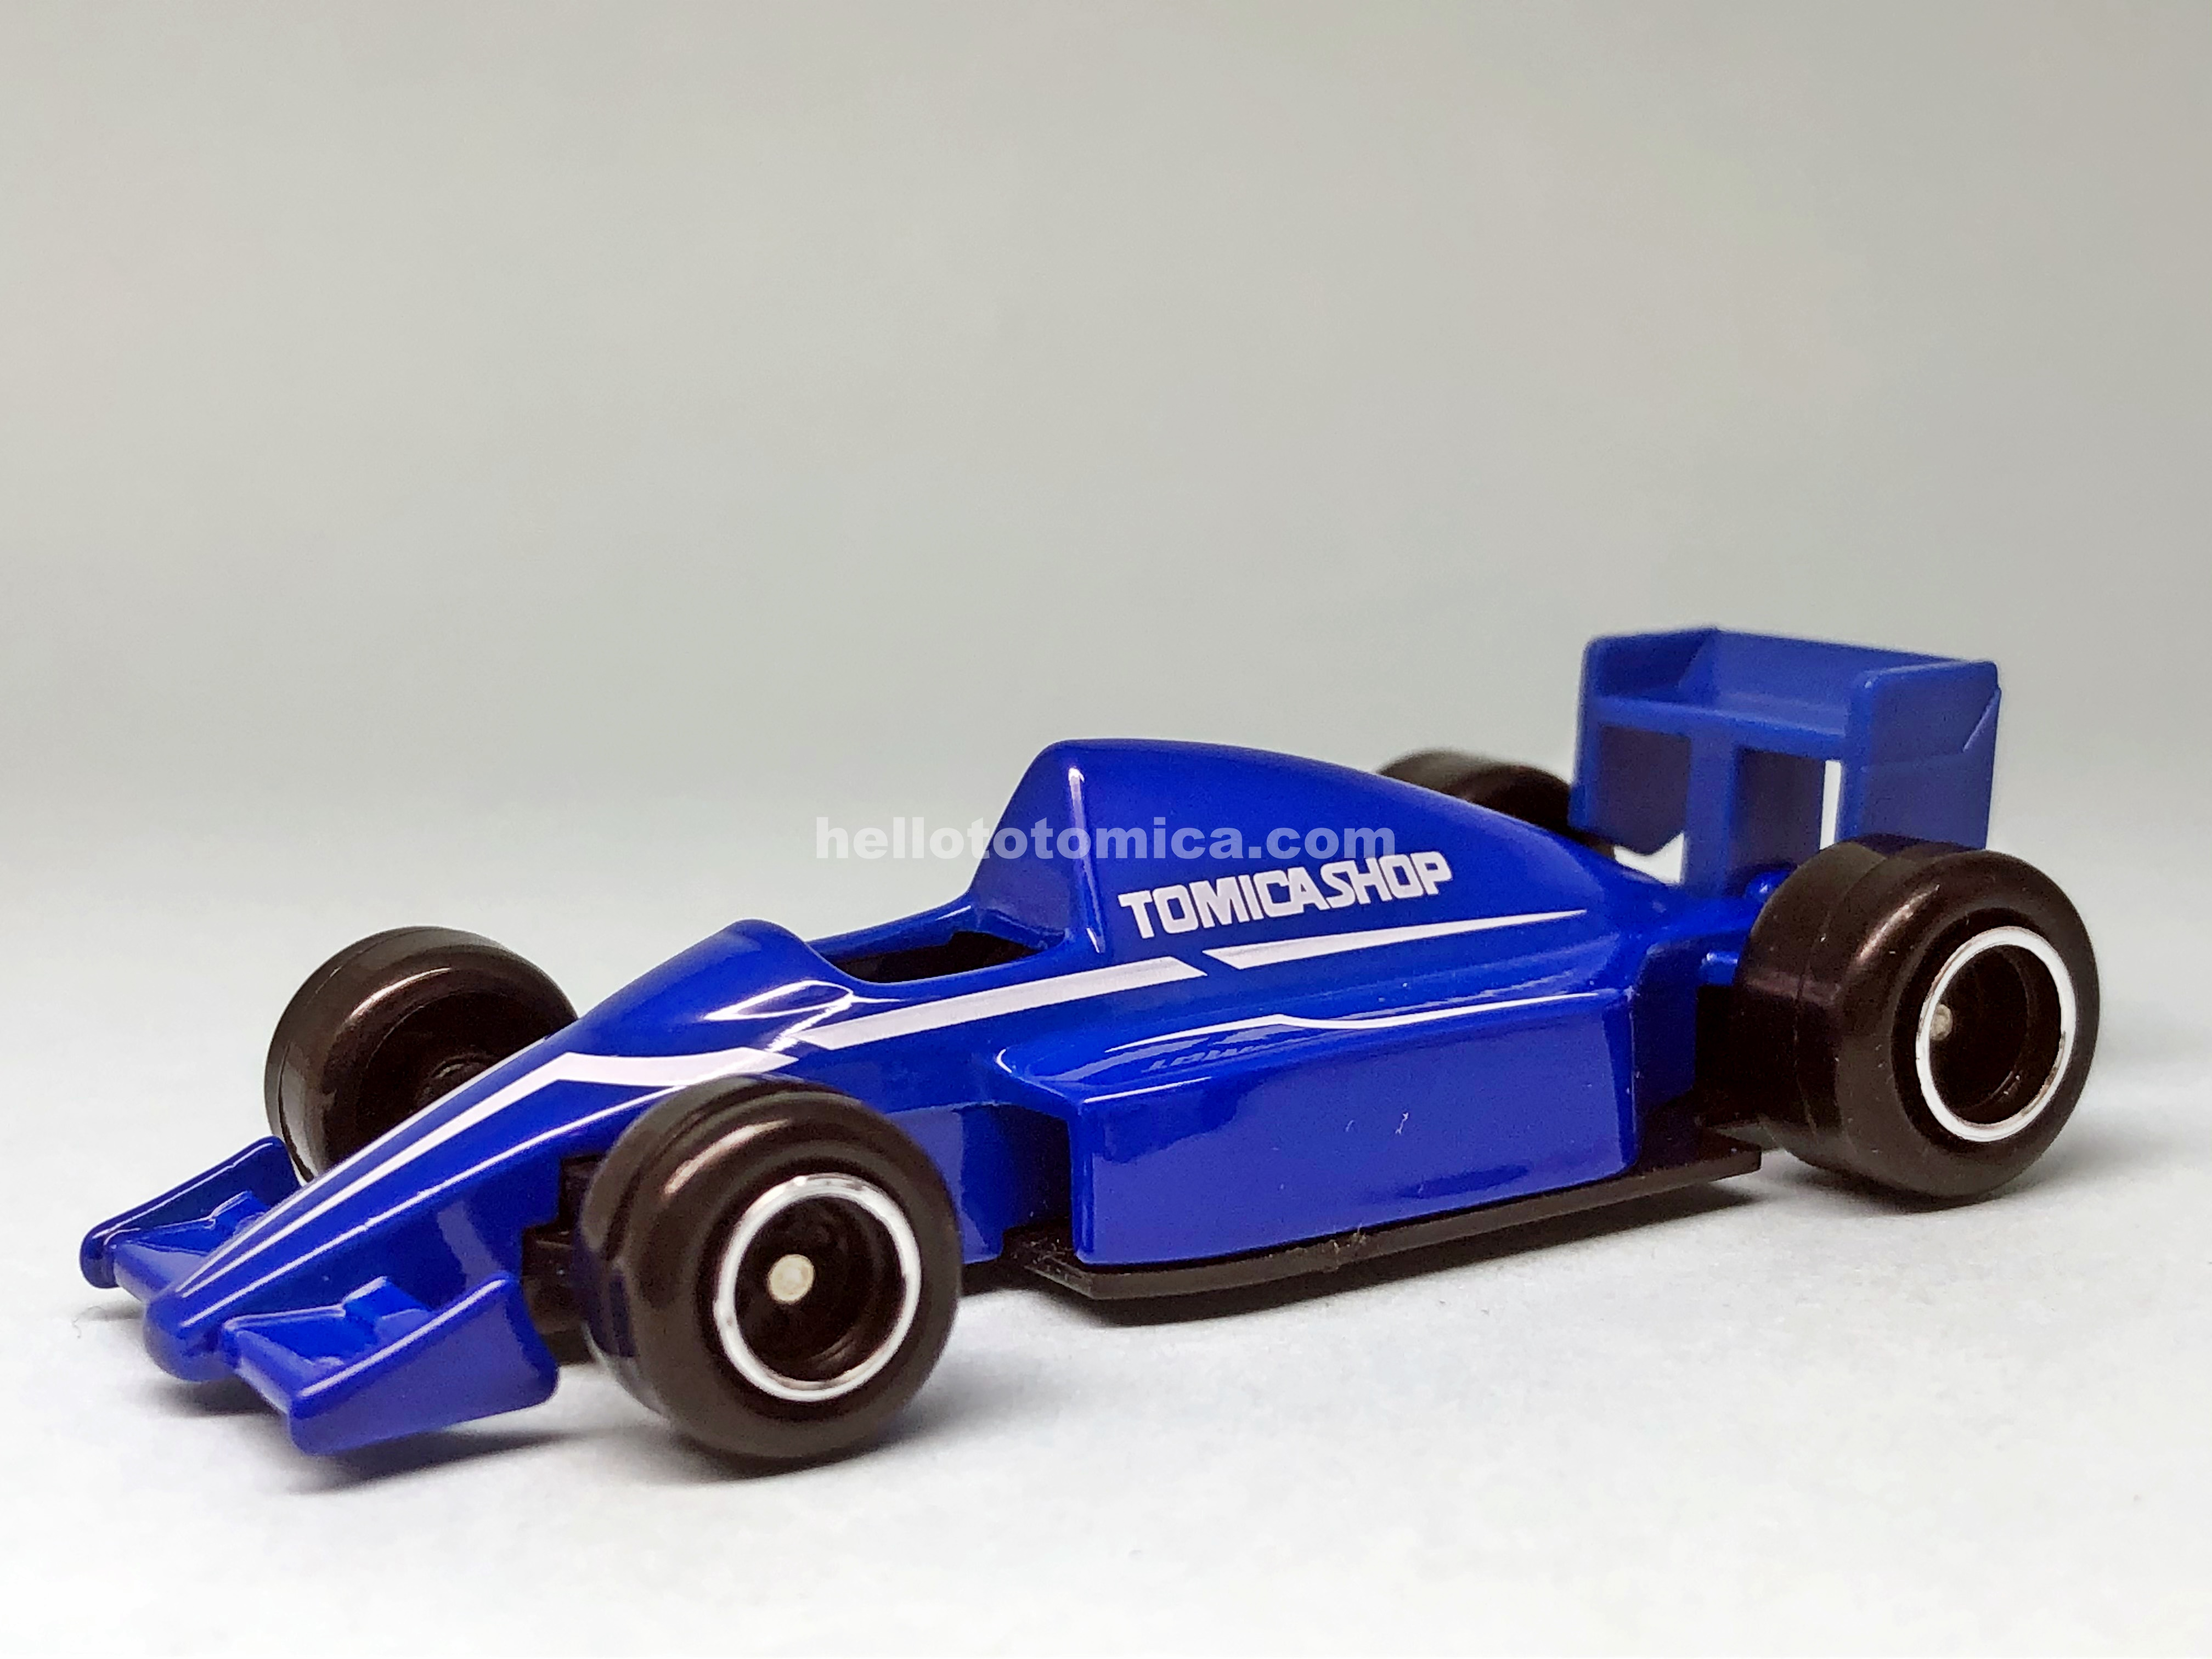 117-2 TOMICA RACING CAR